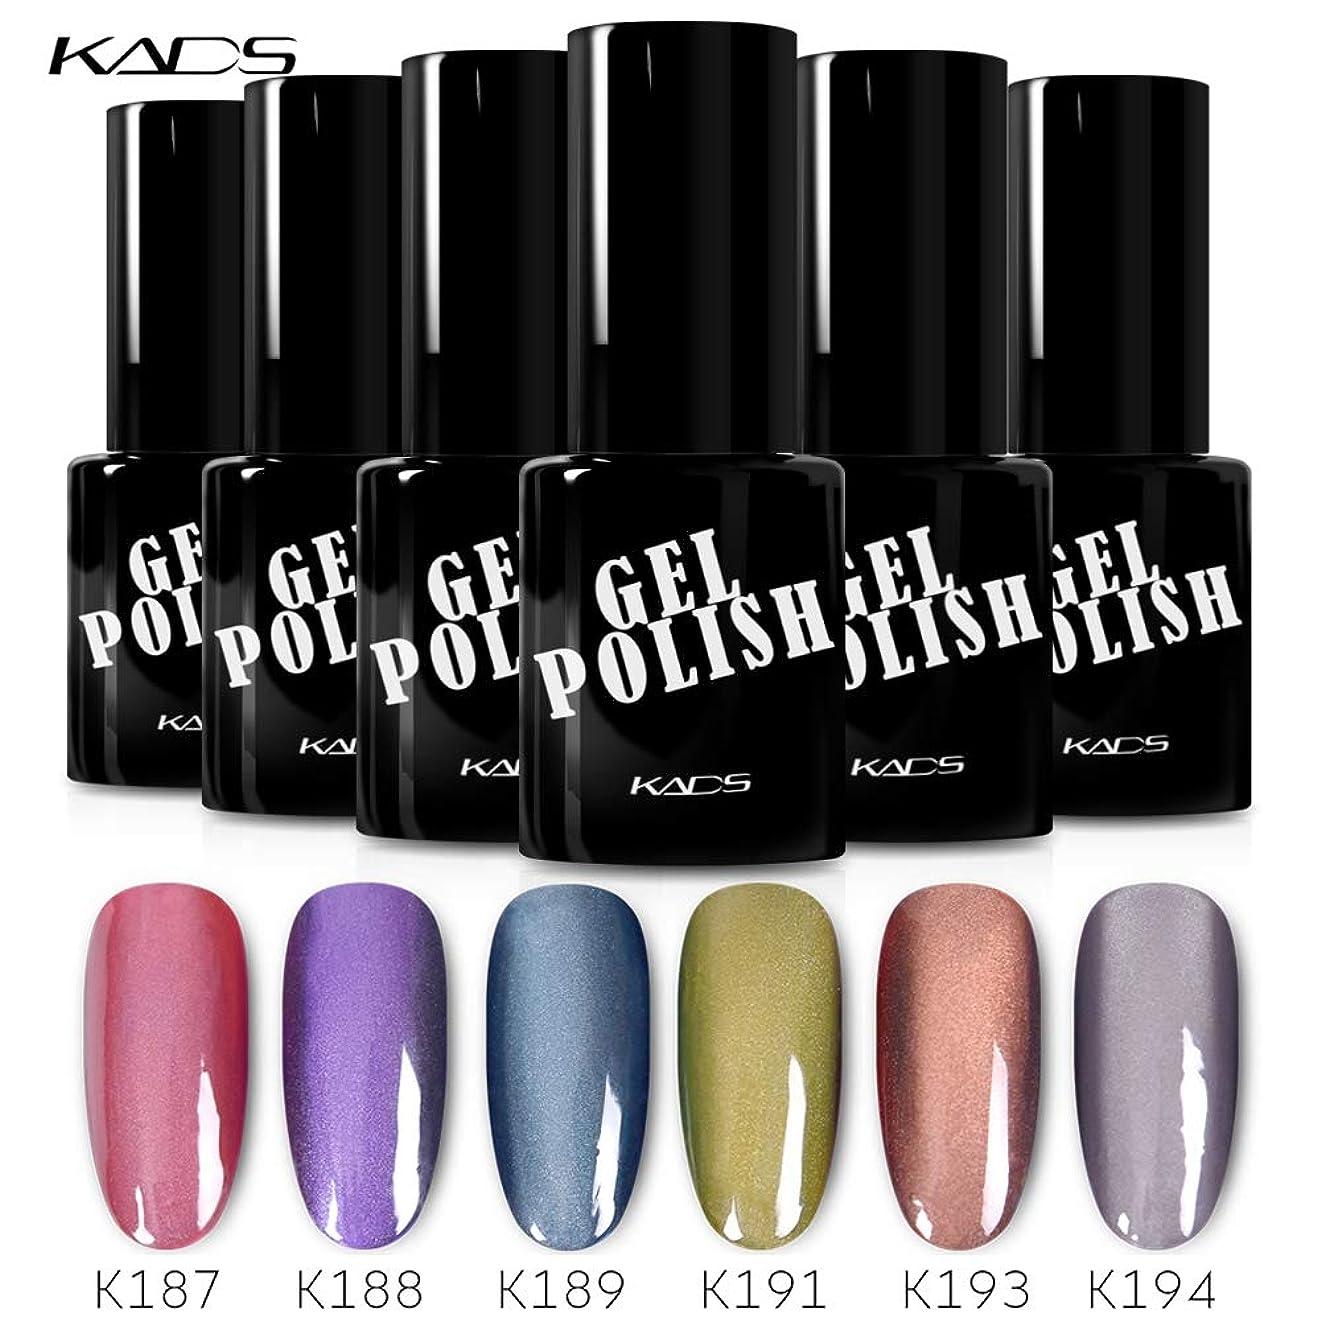 レンダー急勾配の名前でKADS カラージェル 6色入り キャッツアイジェルネイル グリーン/ピンク/グレー カラーポリッシュ UV/LED対応 艶長持ち